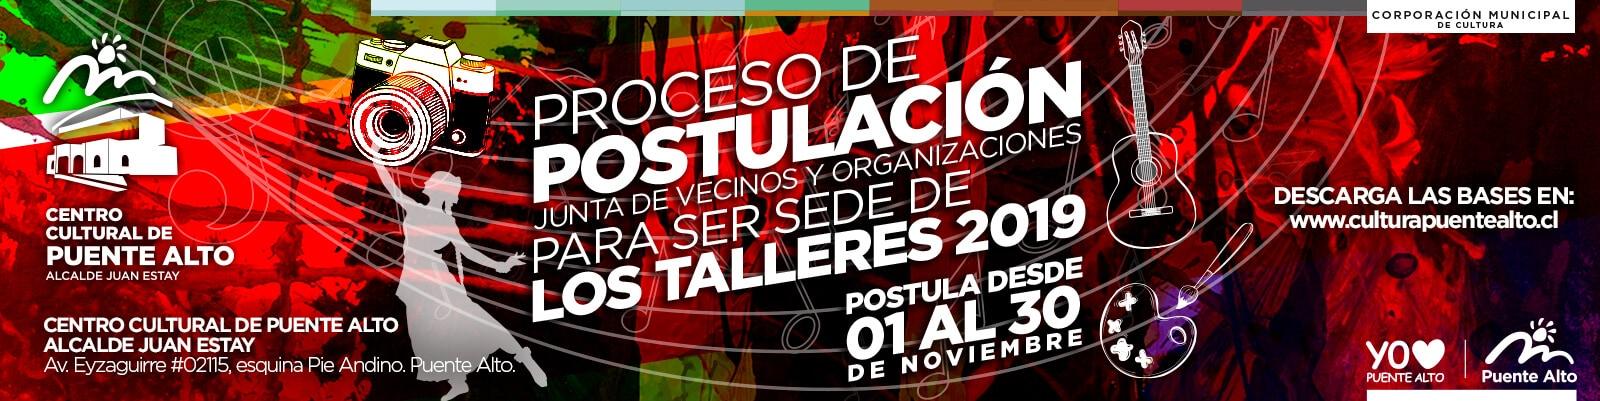 Postulación a Talleres Culturales 2019 para Juntas de Vecinos de Puente Alto.